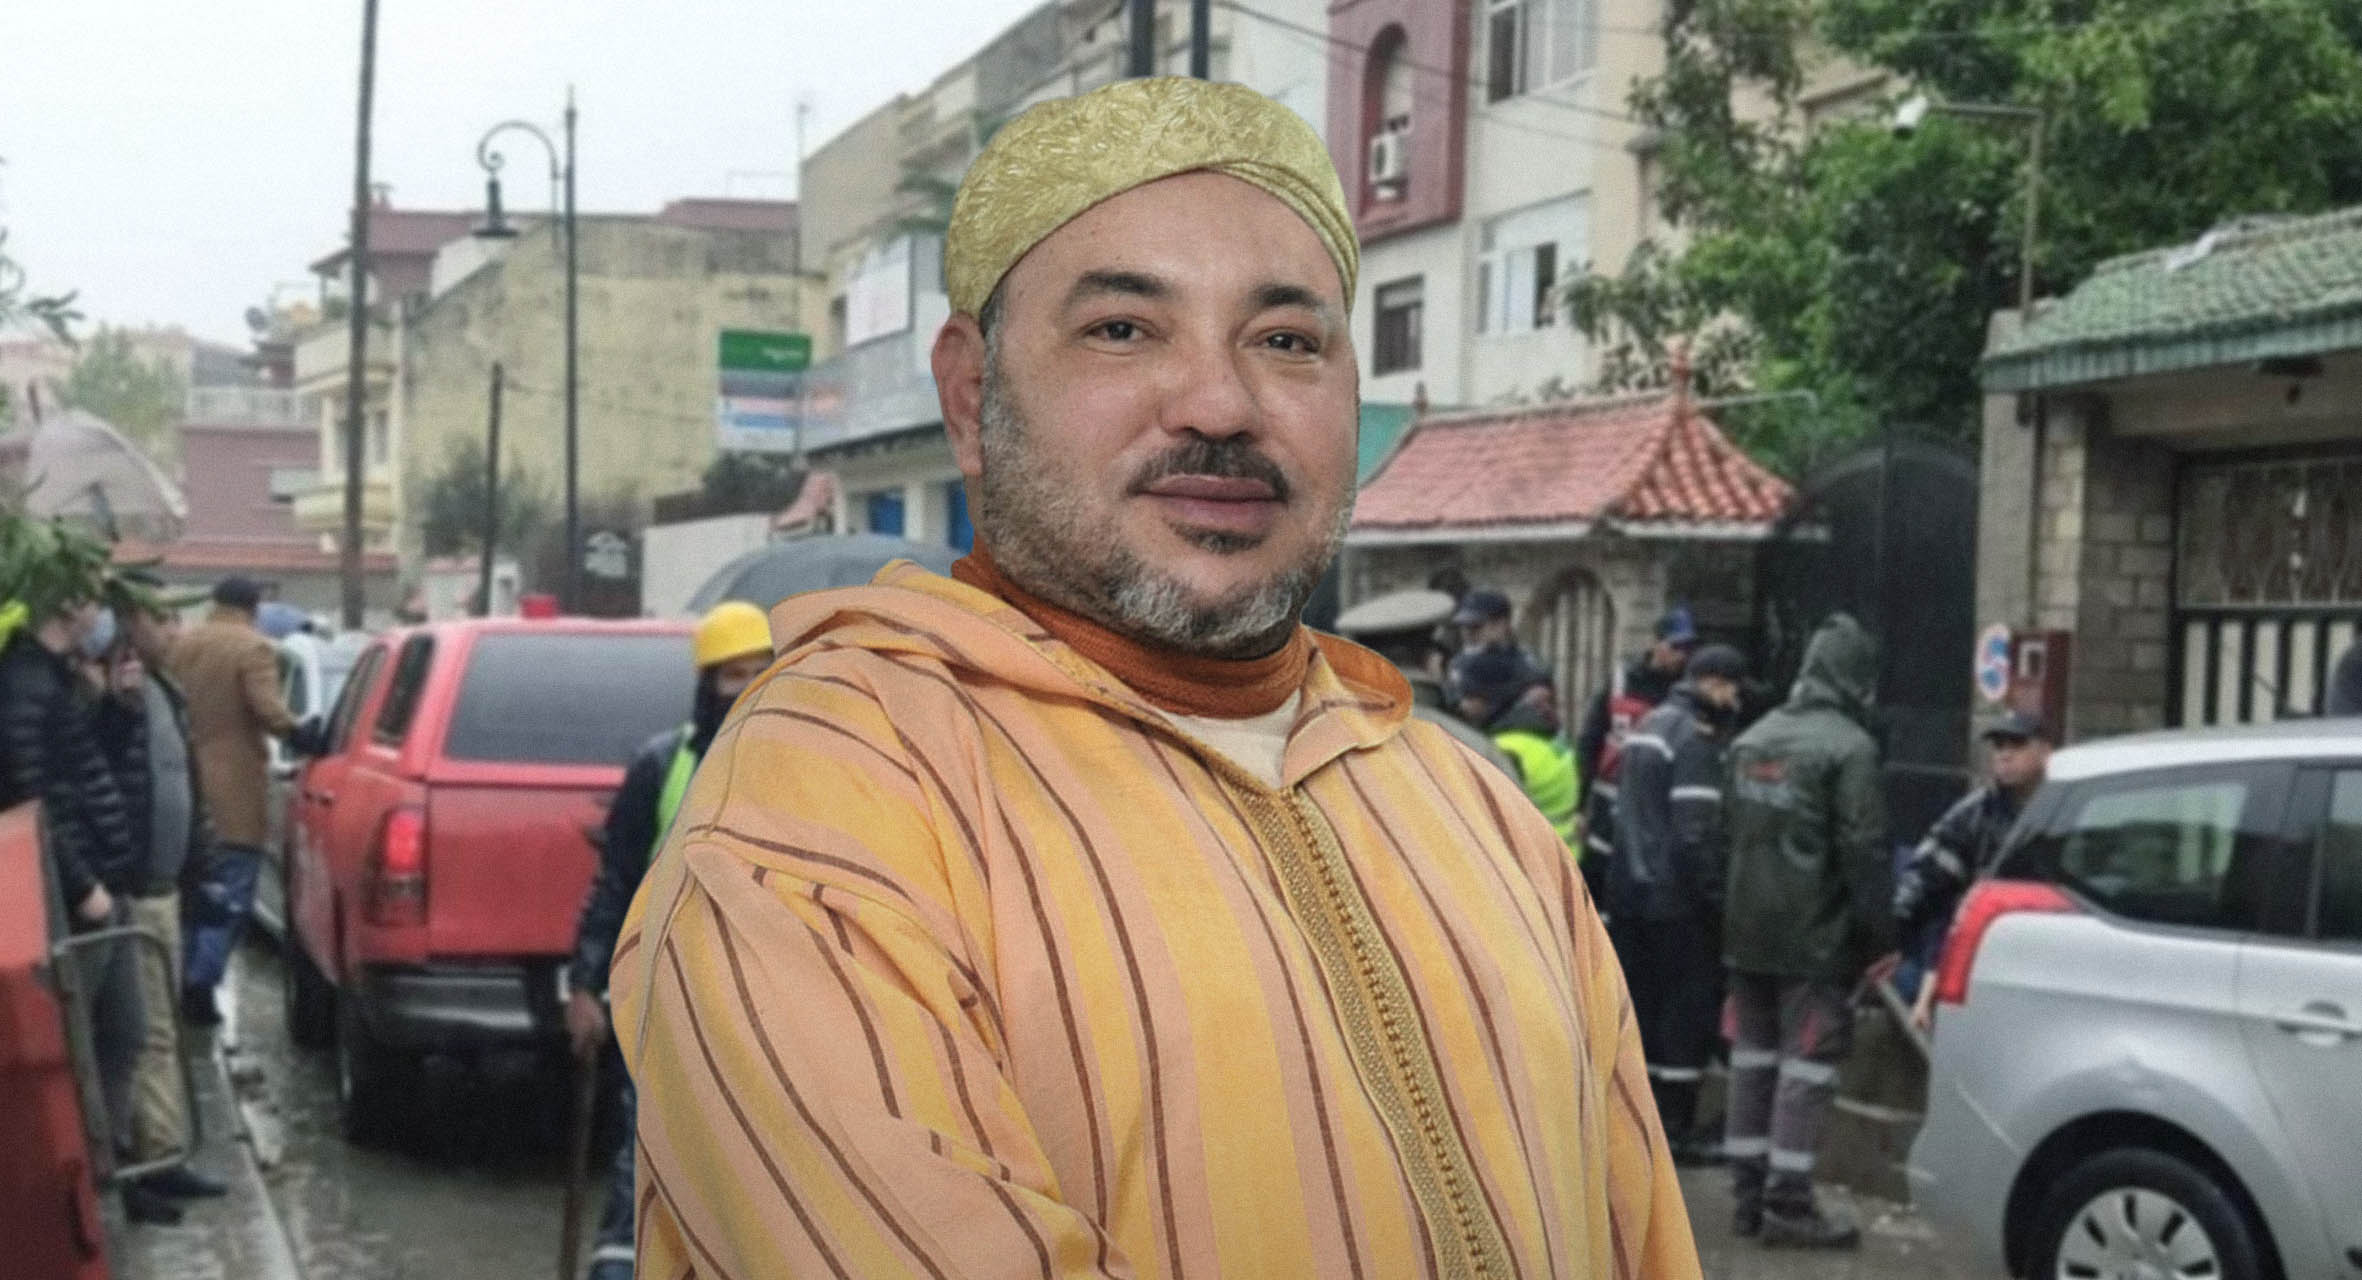 صورة ملك المغرب يضحّي بحفنة مسؤولين قرباناً لعل مشكلة الريف تخف وتنحسر